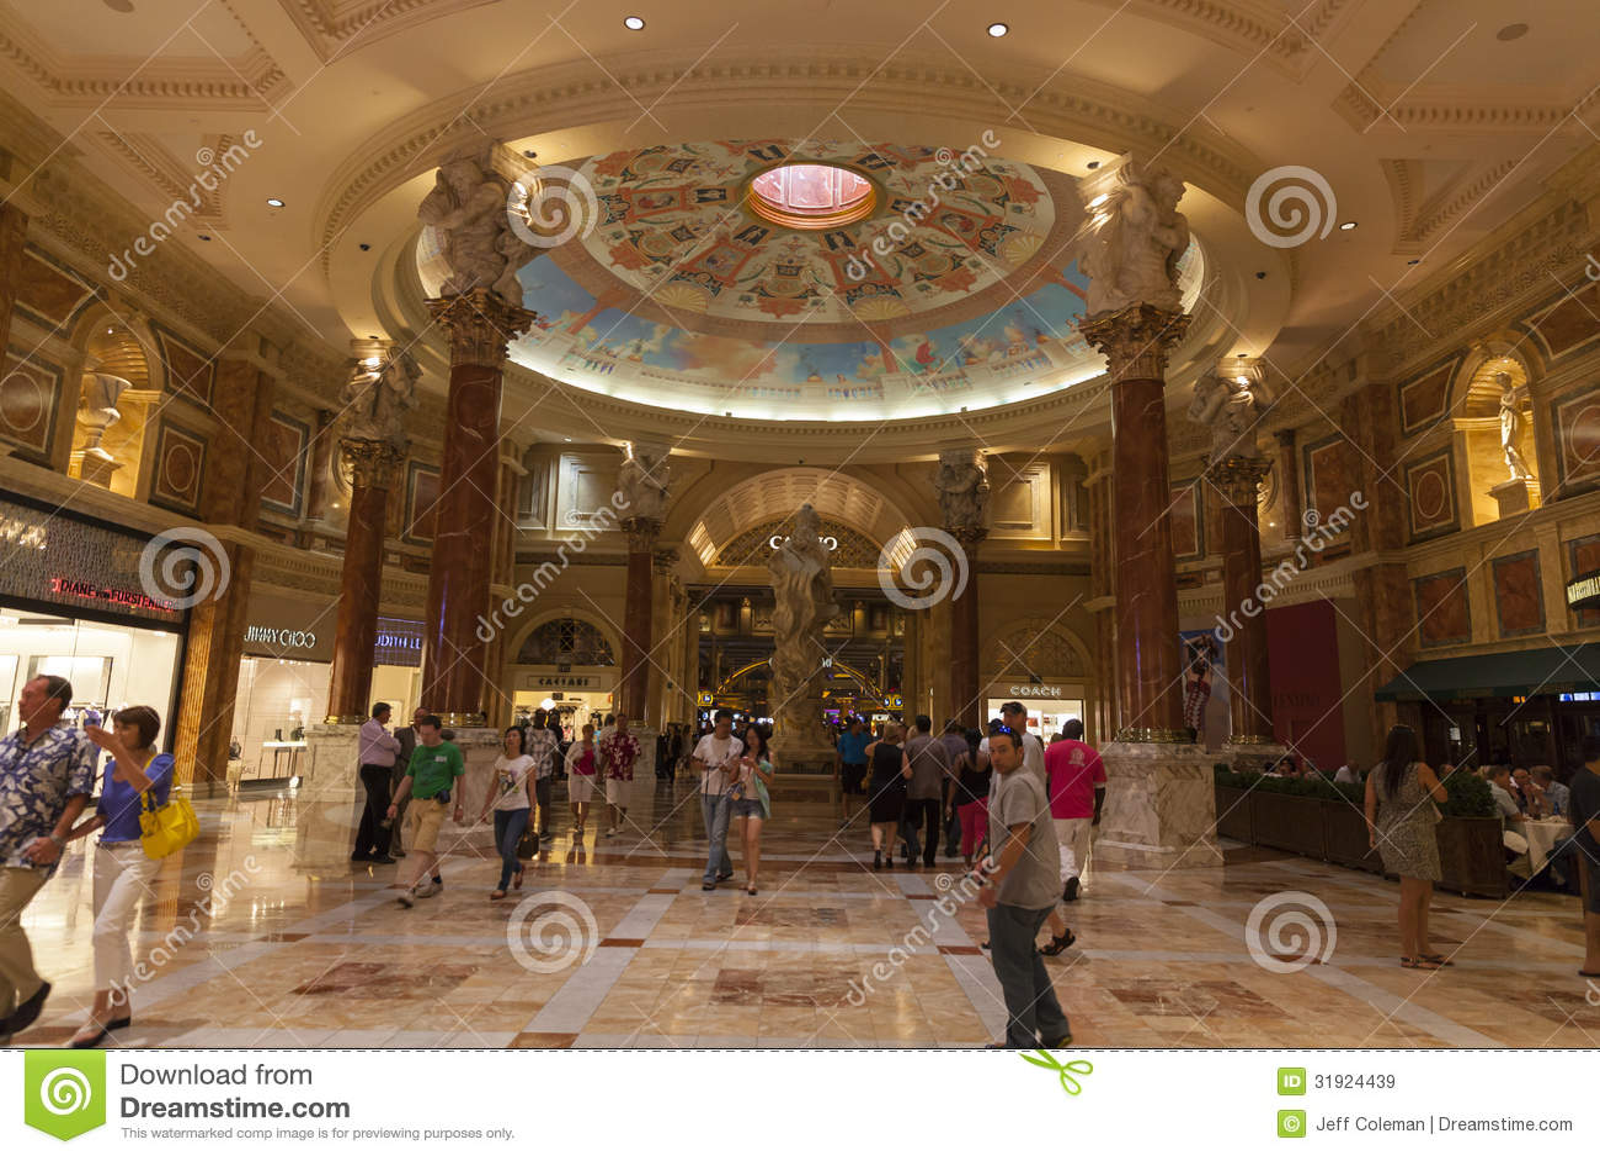 Vegas casino forum bonus cash casino deposit free no